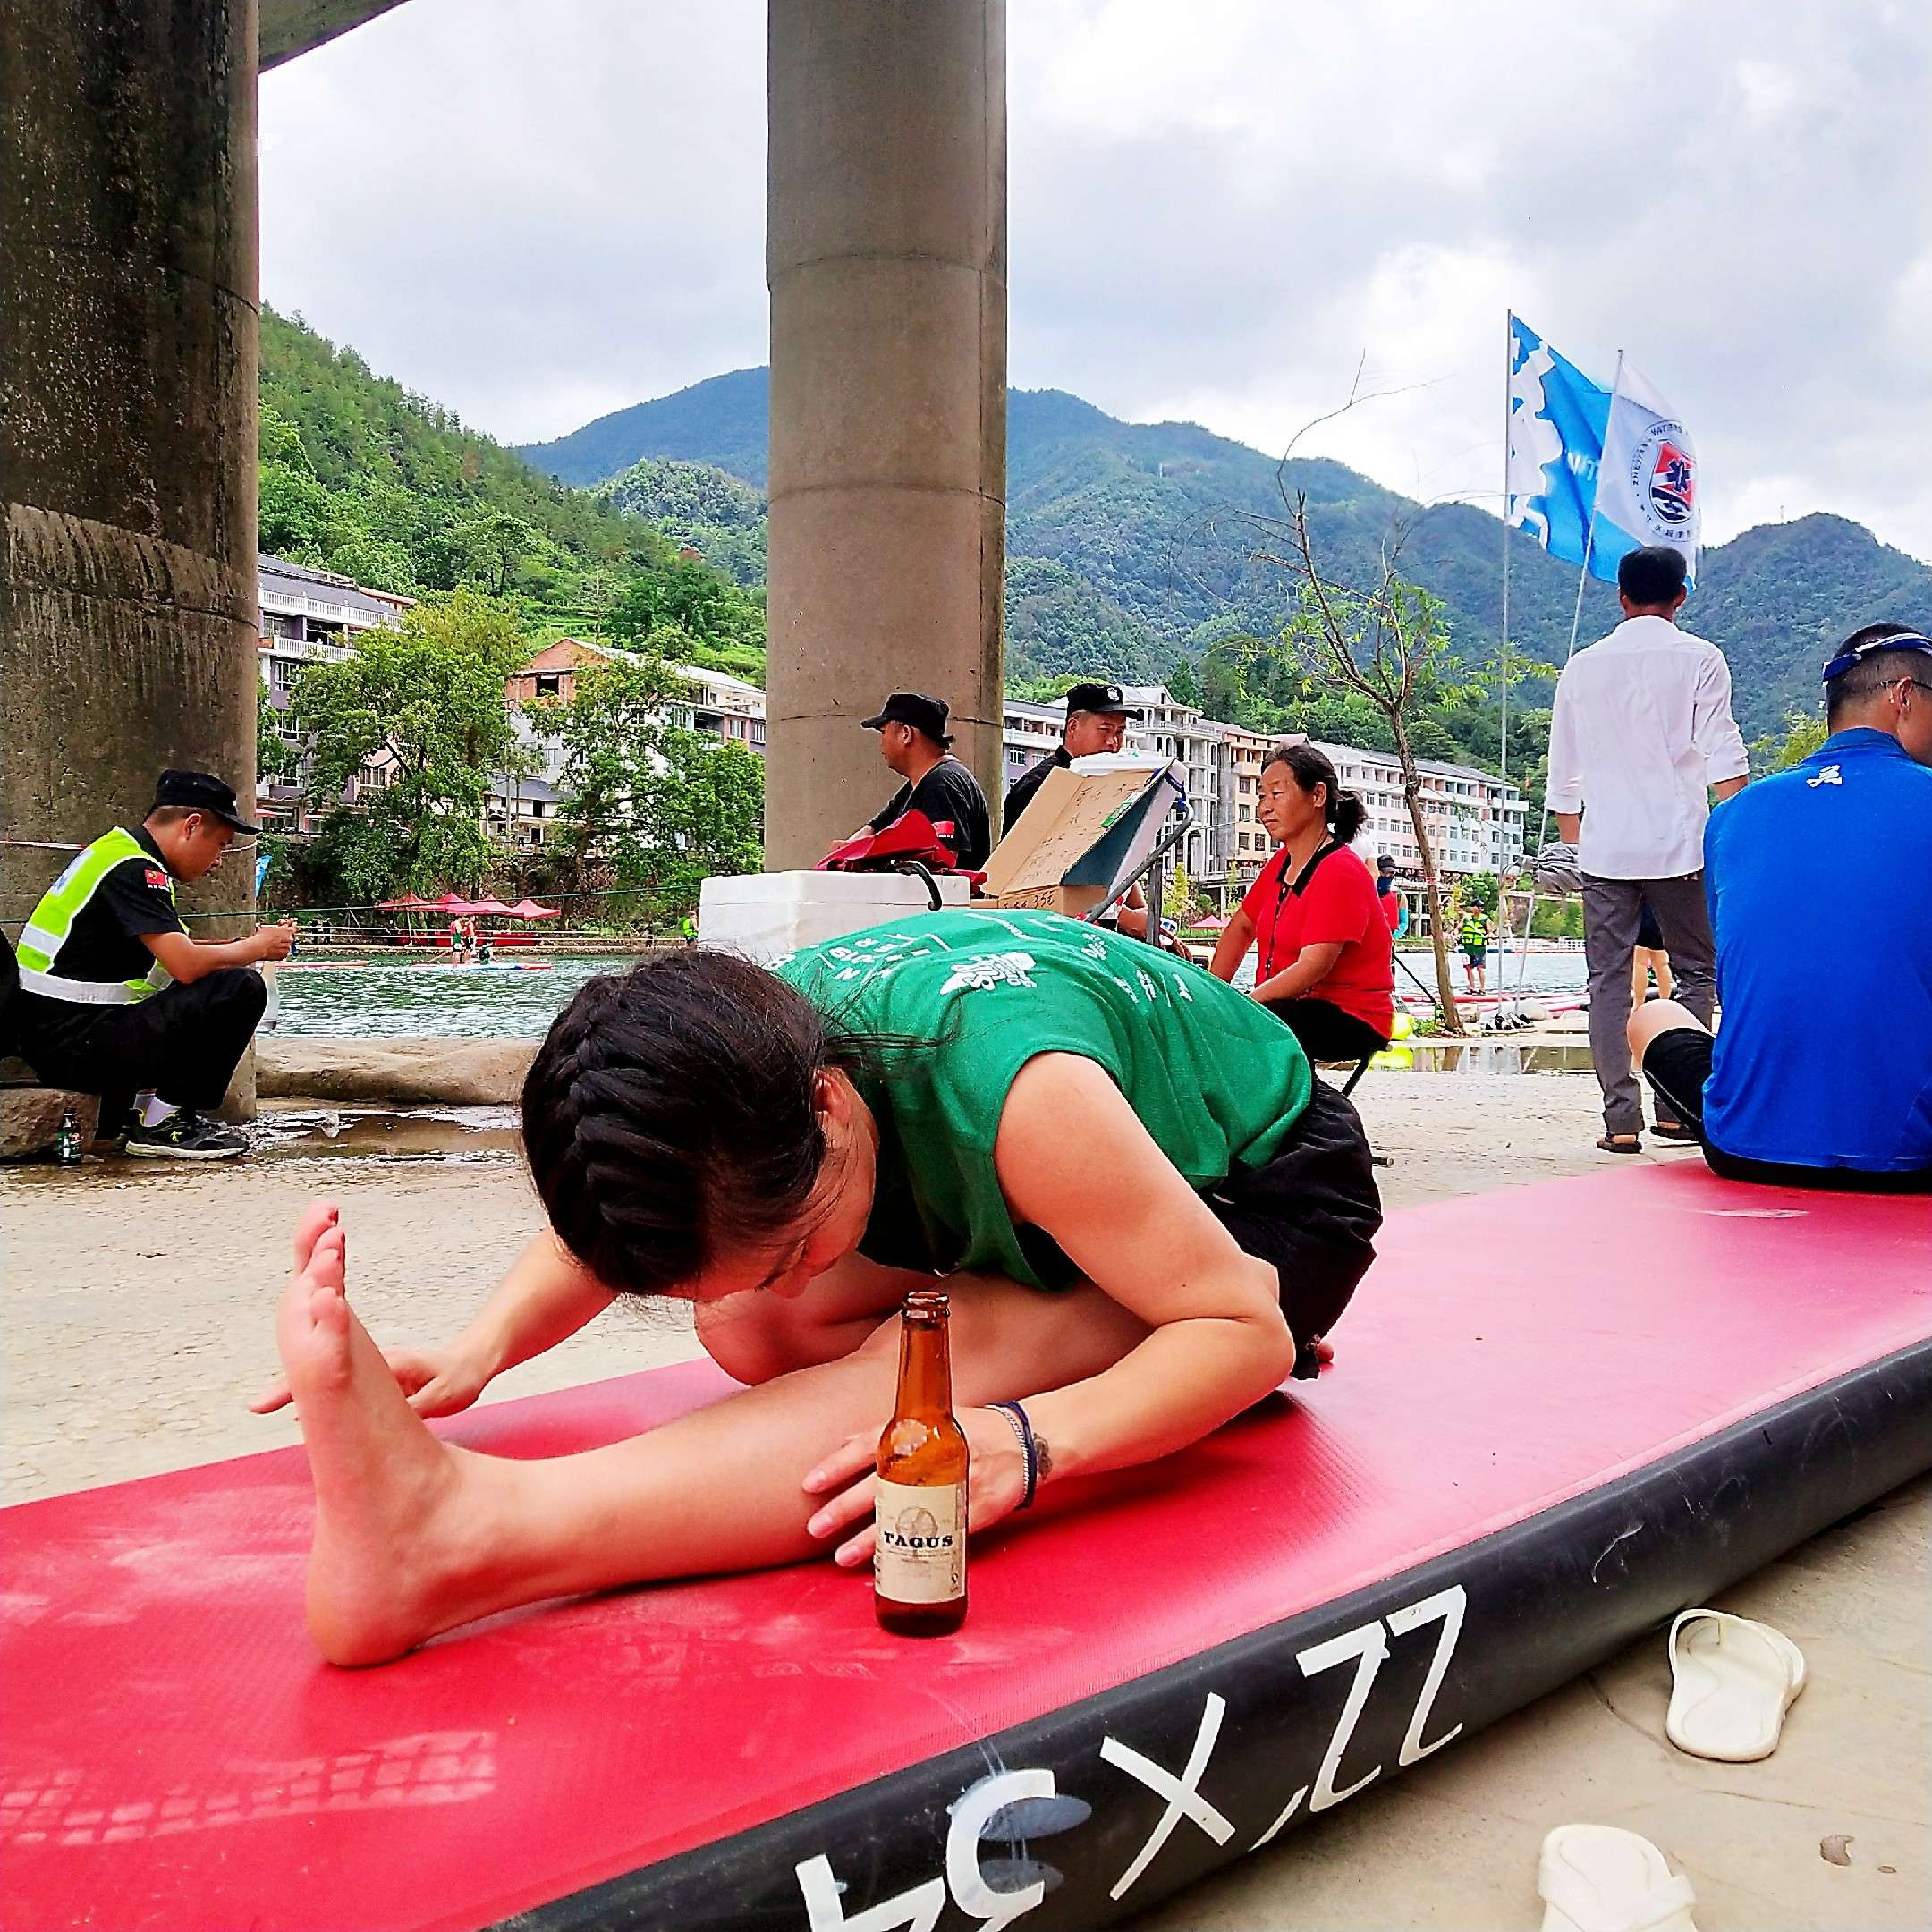 赛事总结 | 2019第三届楠溪江国际桨板公开赛